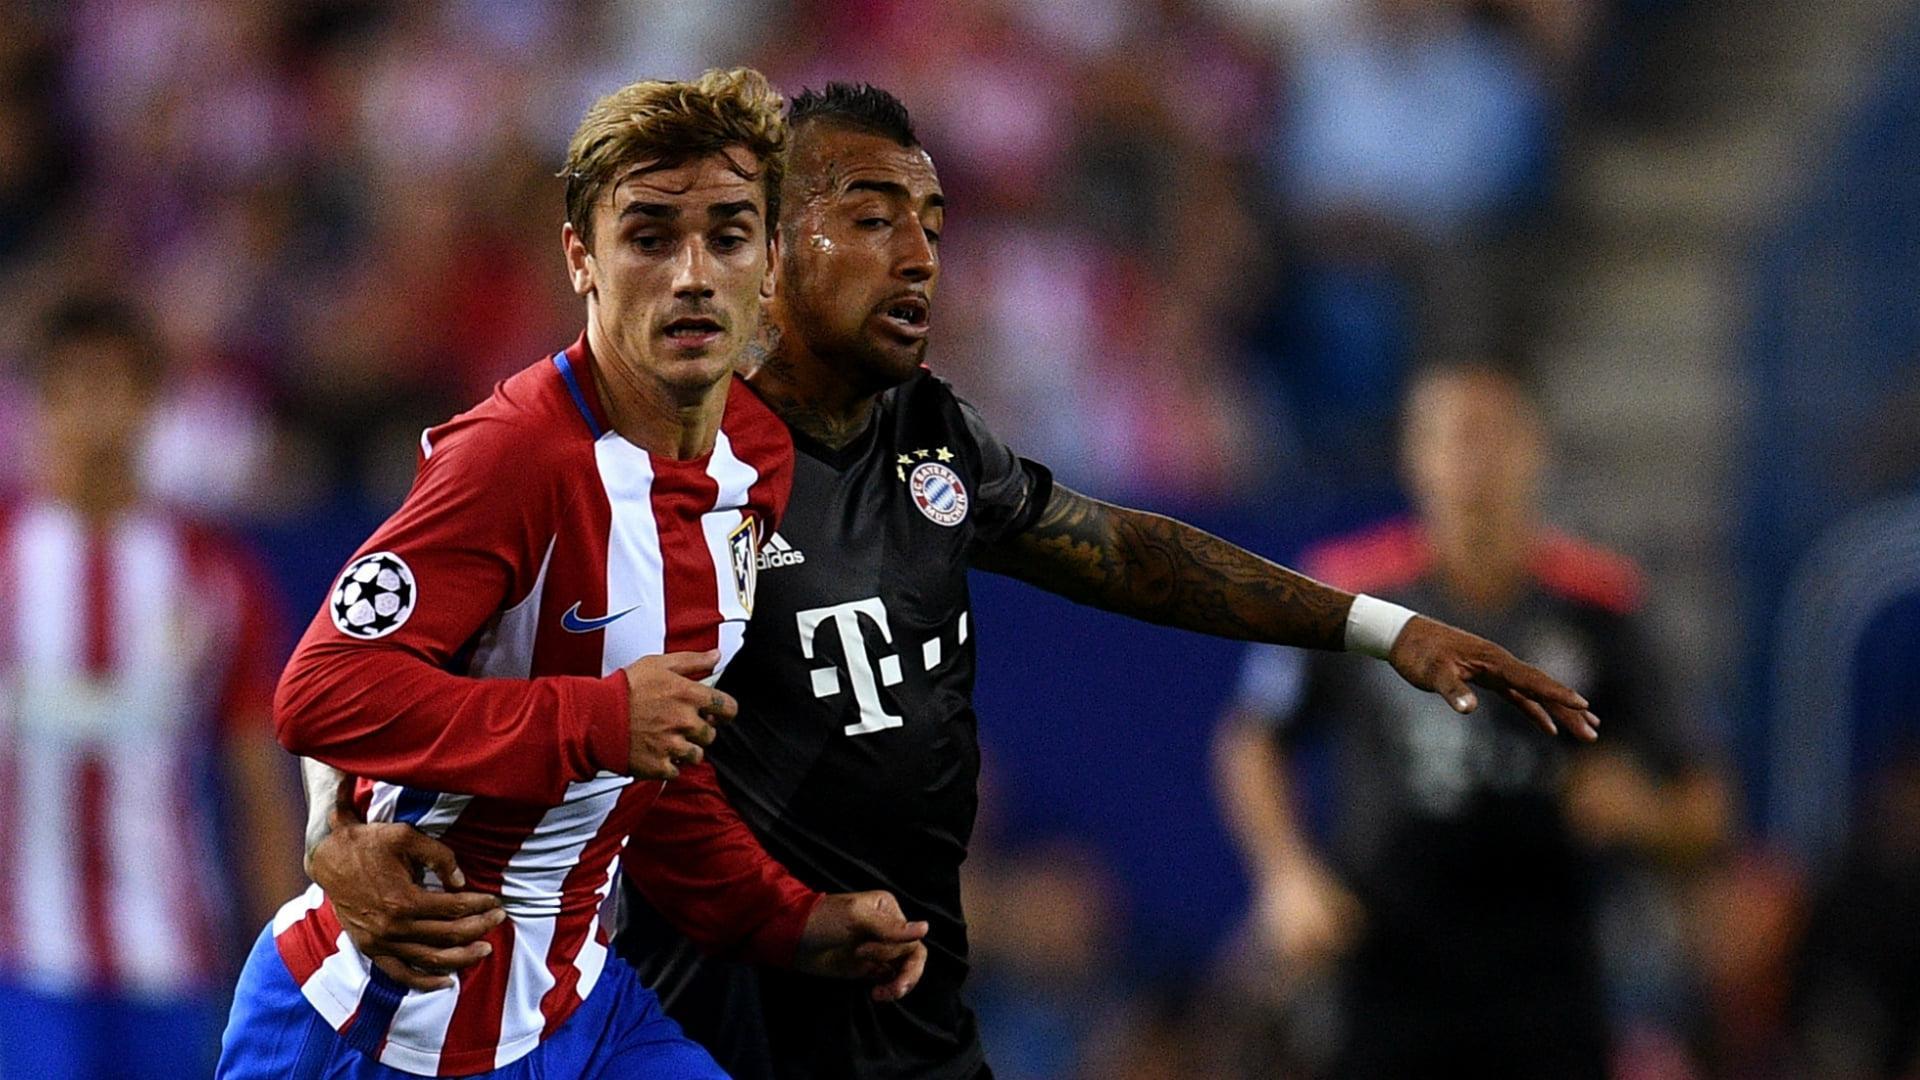 Bayern Munich và A. Madrid là một cặp đấu đầy duyên nợ